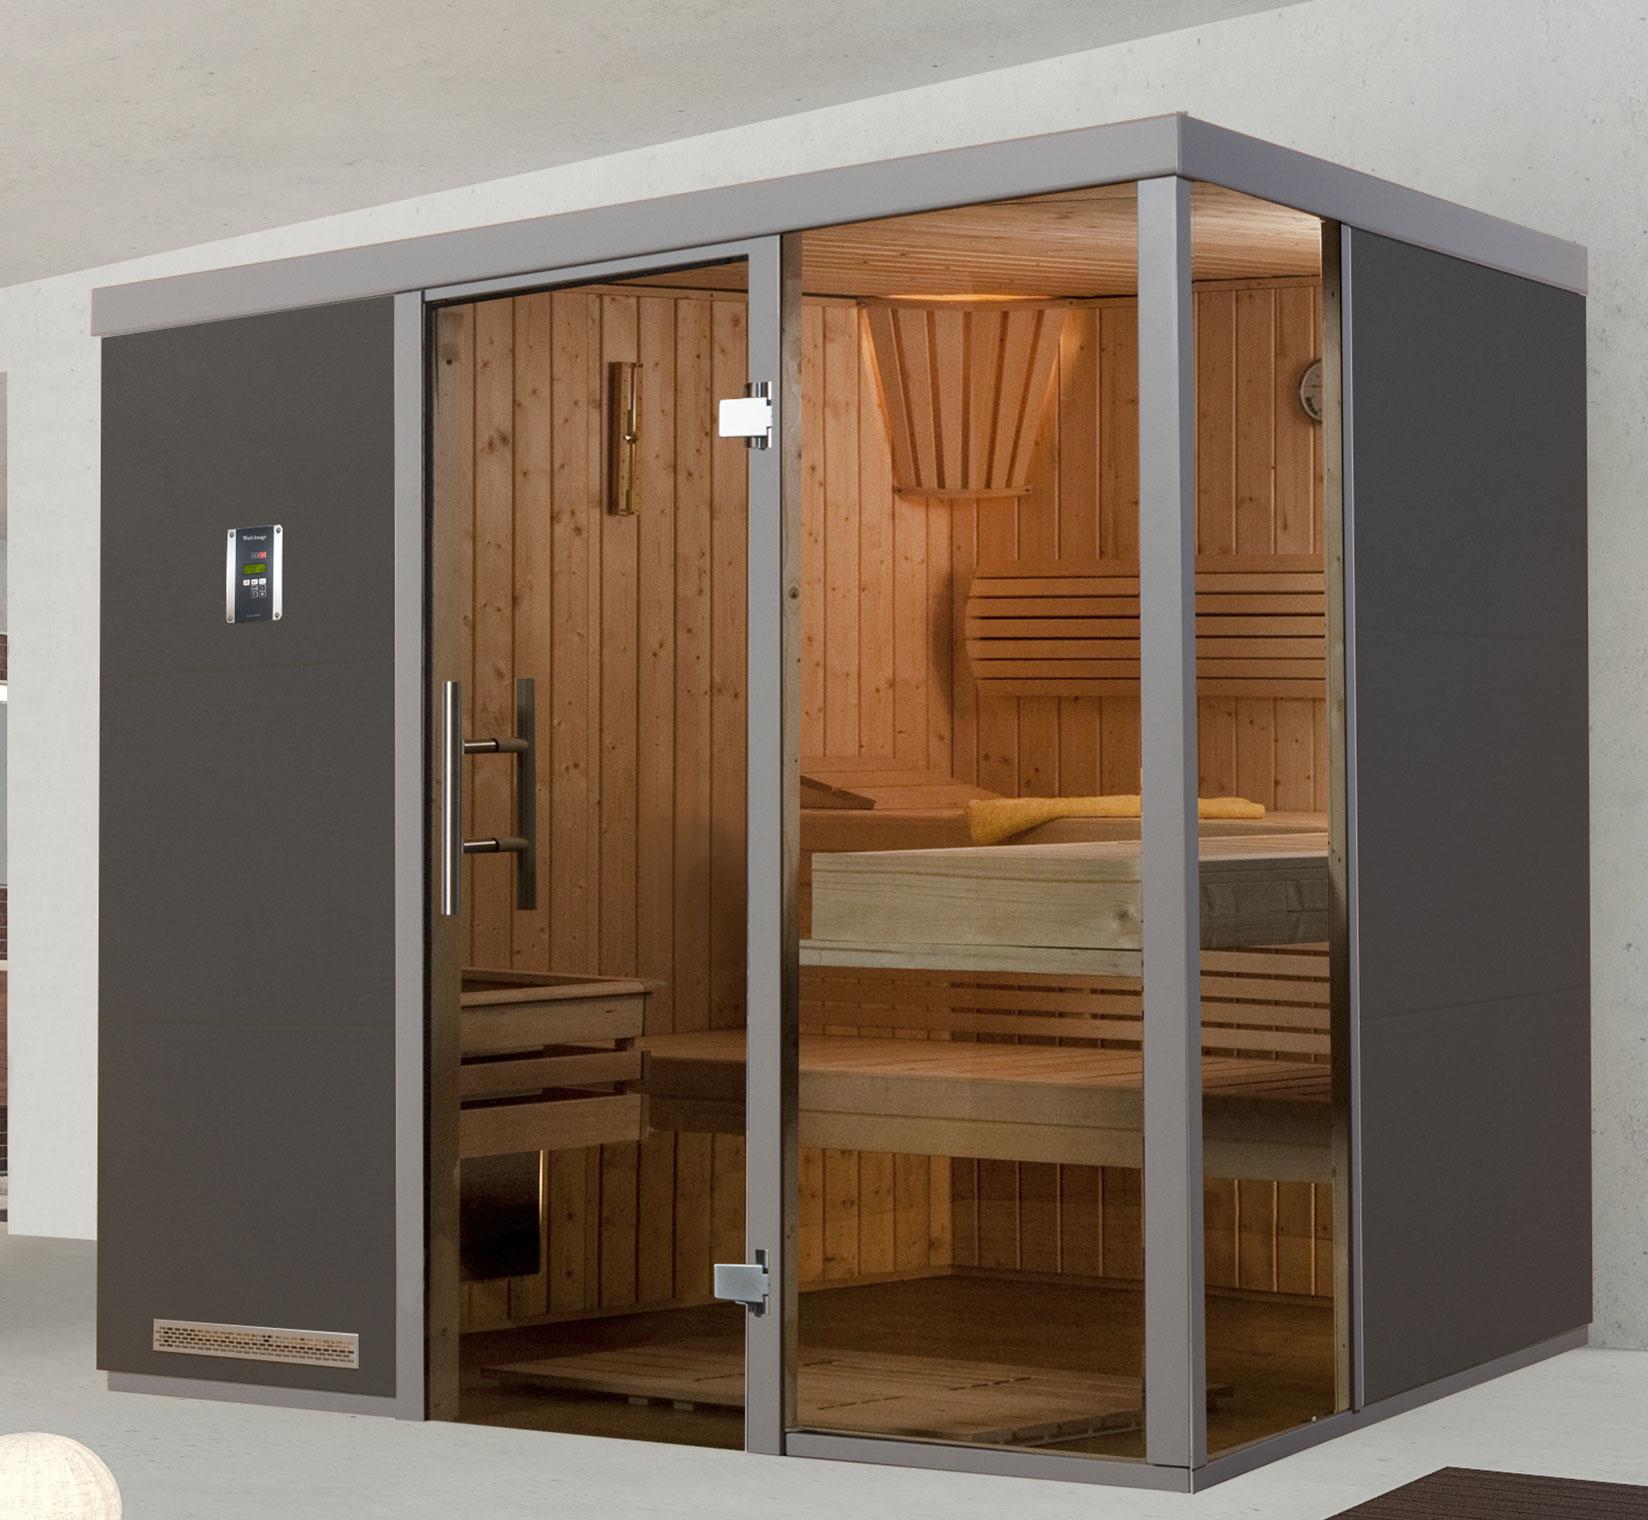 Weka Sauna / Wellnissage Designsauna II R Grigio 68mm ohne Saunaofen Bild 1